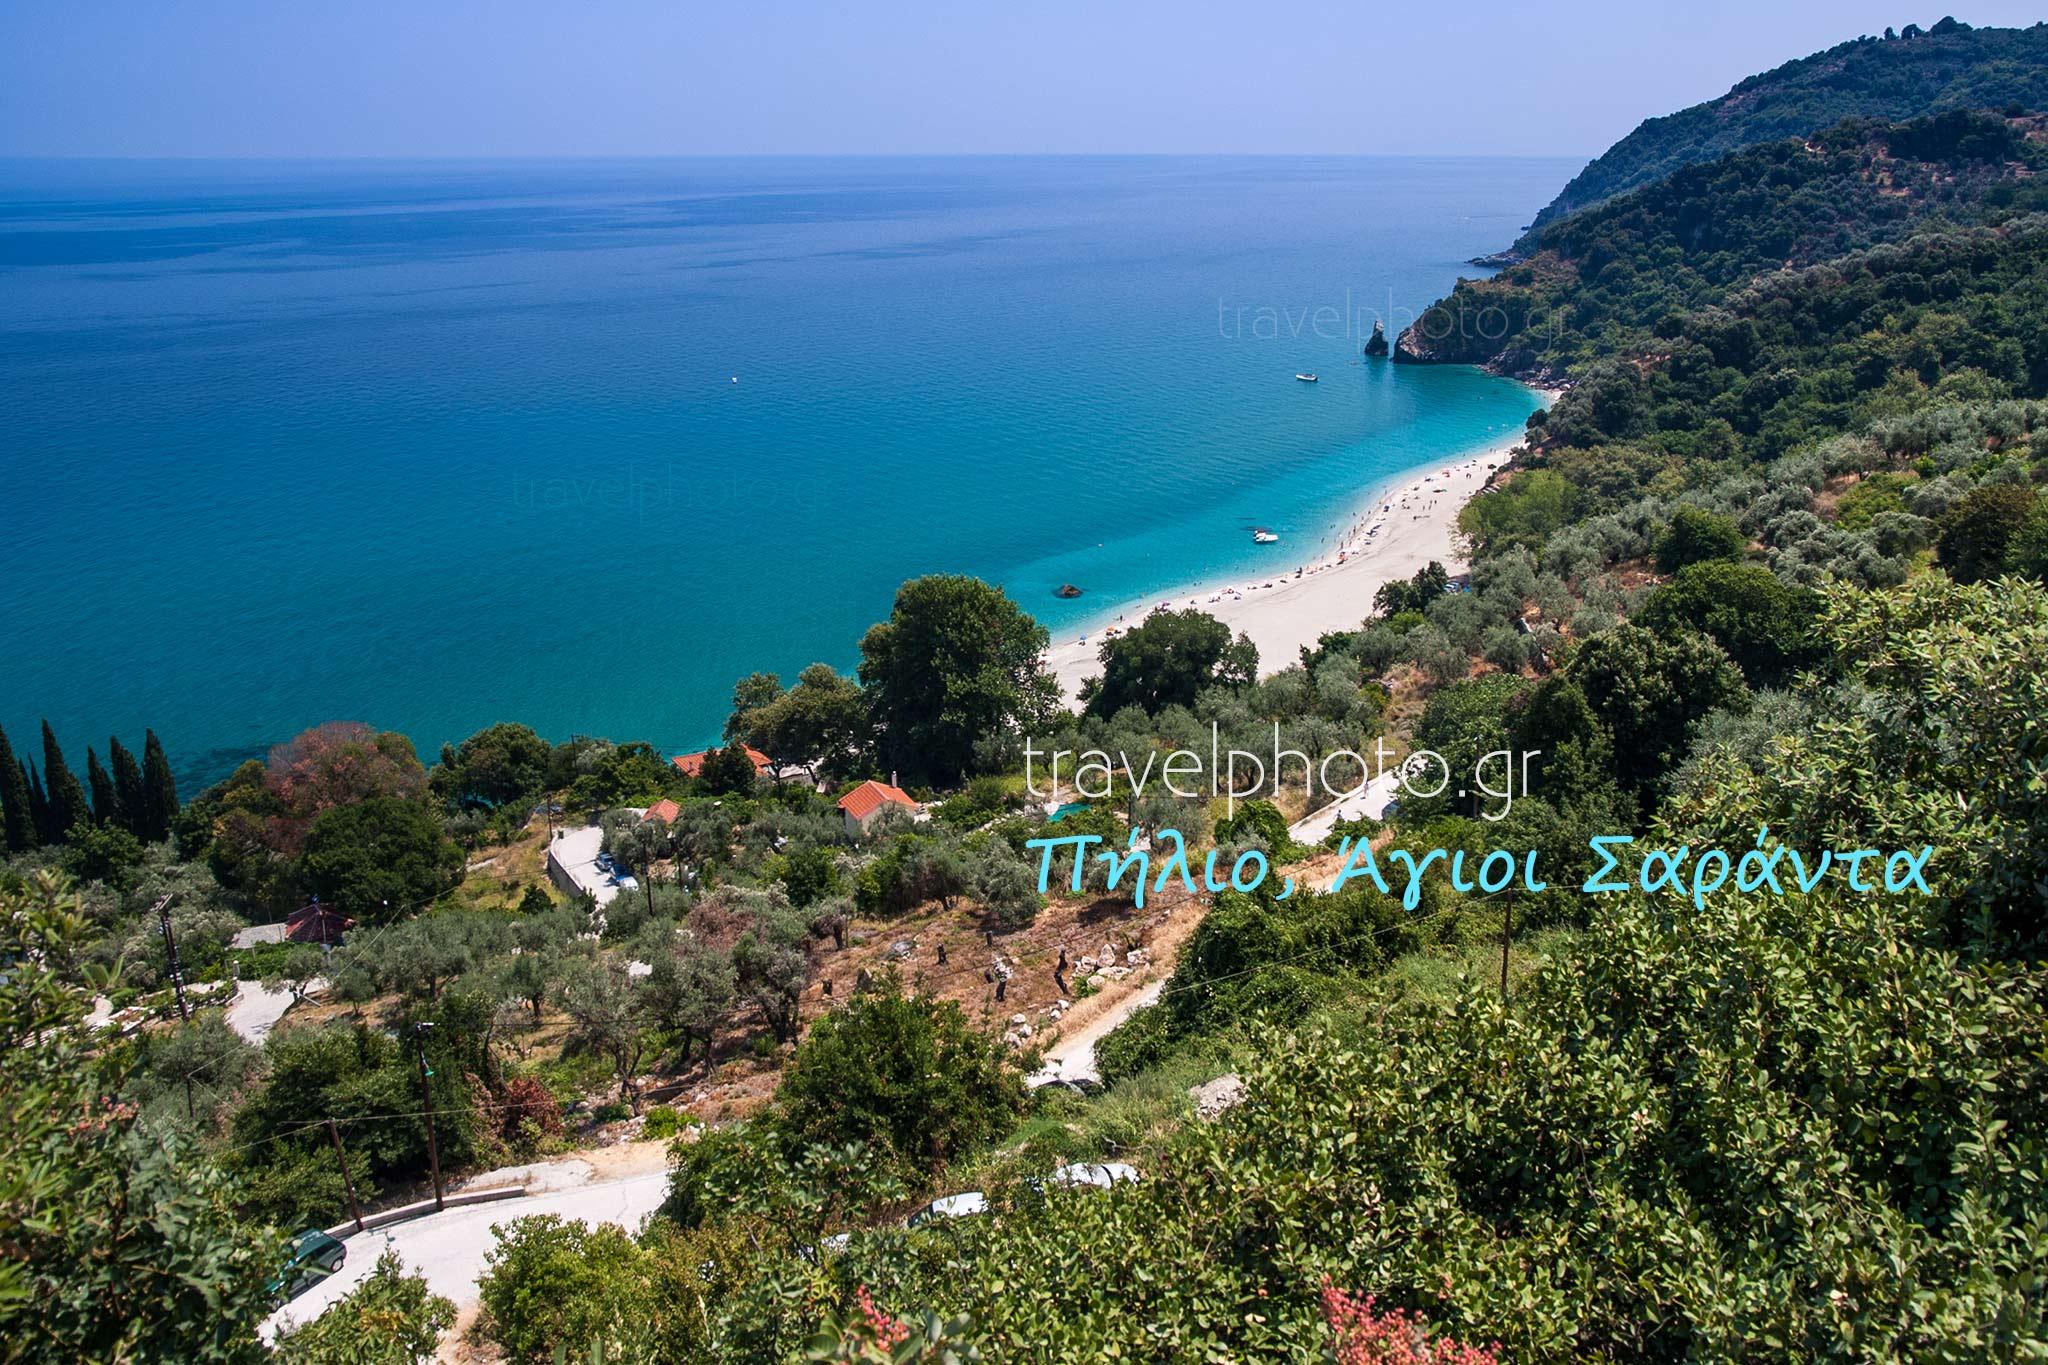 Η μαγευτική παραλία Άγιοι Σαράντα στις καταπράσινες πλαγιές του Πηλίου. (κάντε κλικ για να δείτε τη φωτογραφία σε πλήρες μέγεθος)